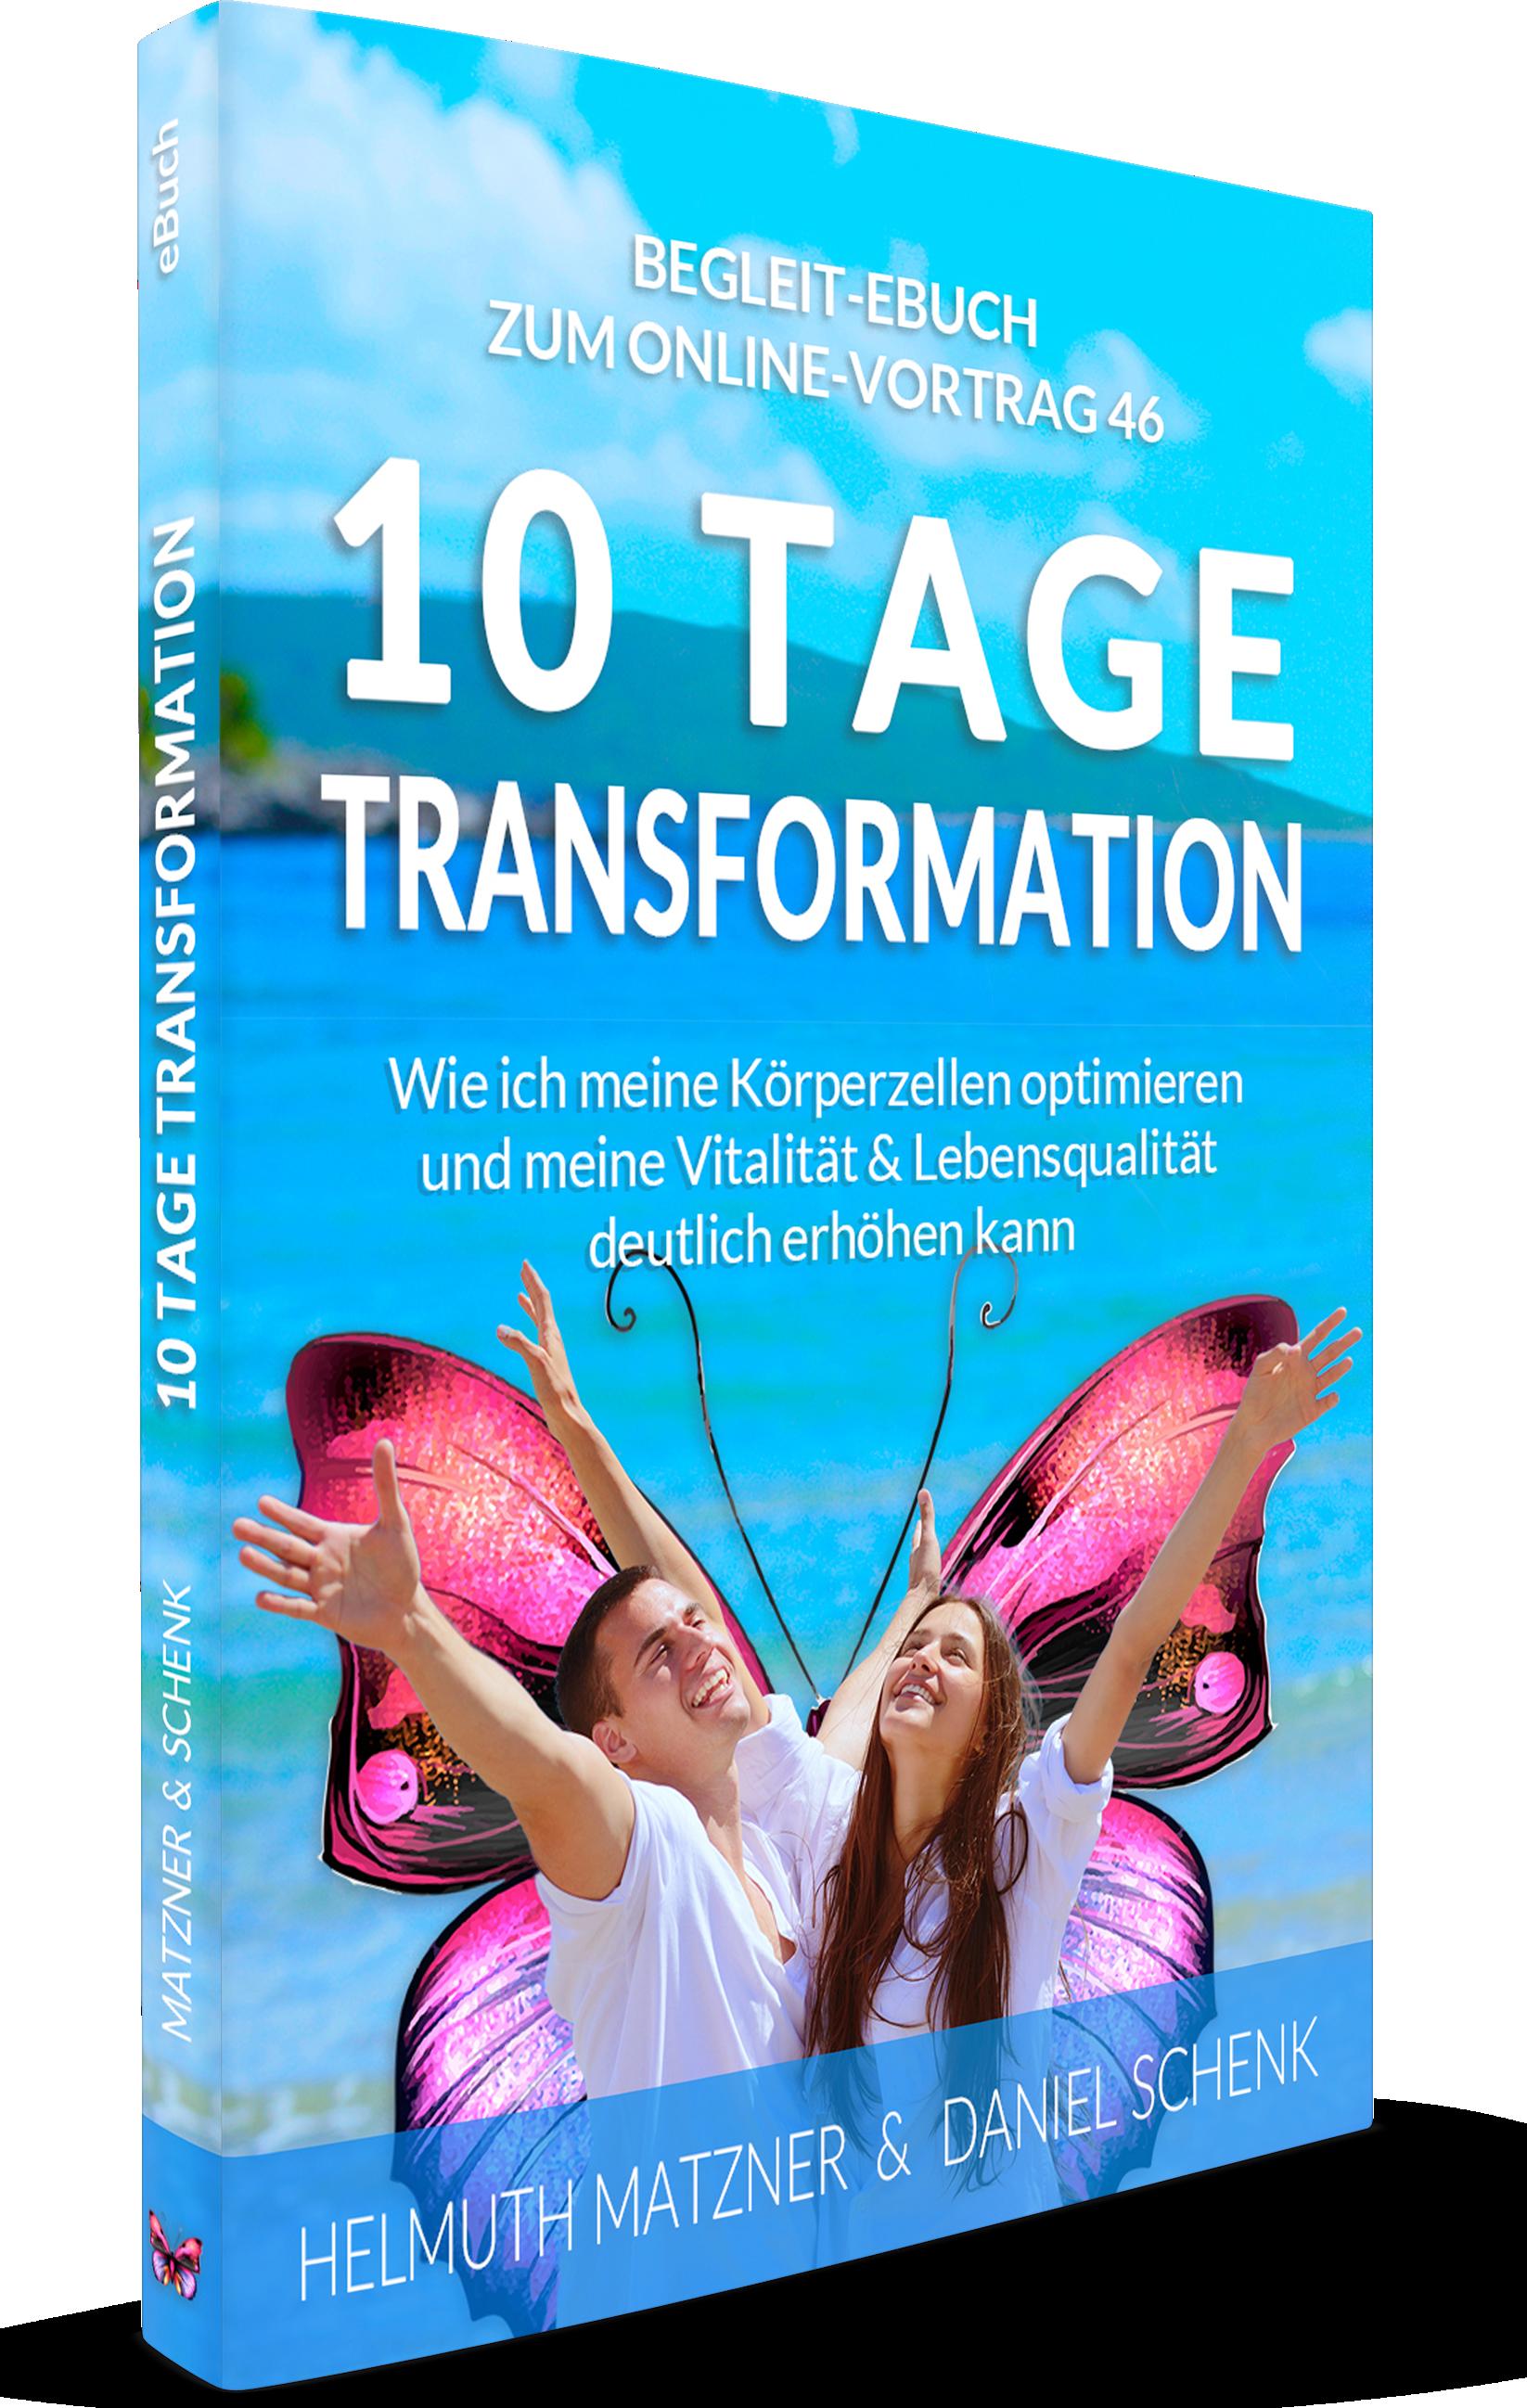 Helmuth Matzner - Online-Vortrag 46 - 10 Tage Transformation - eBuch - B1